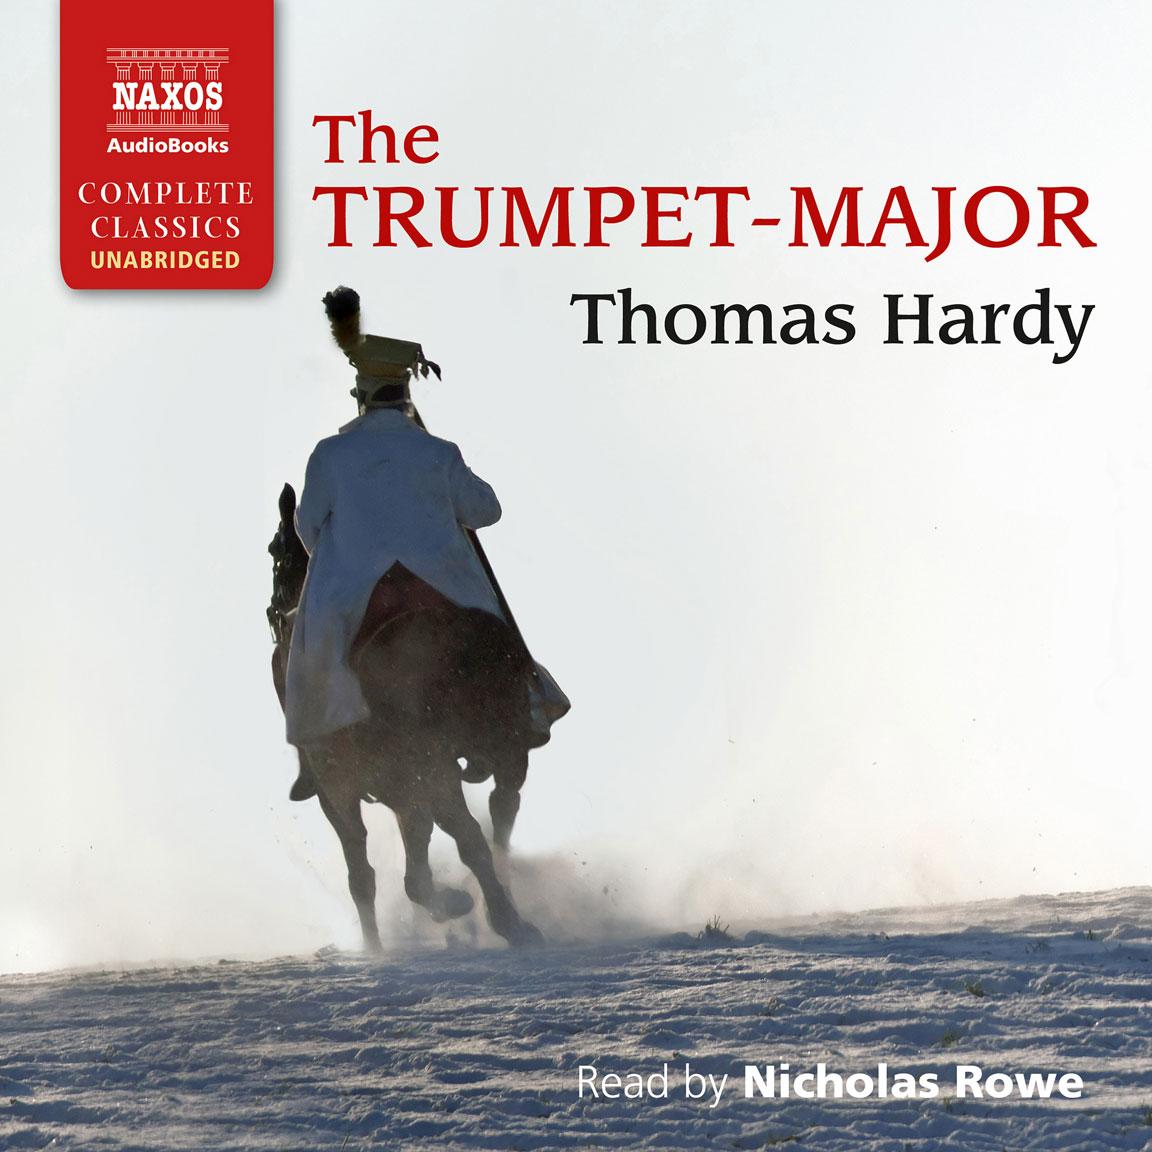 The Trumpet-Major (unabridged)